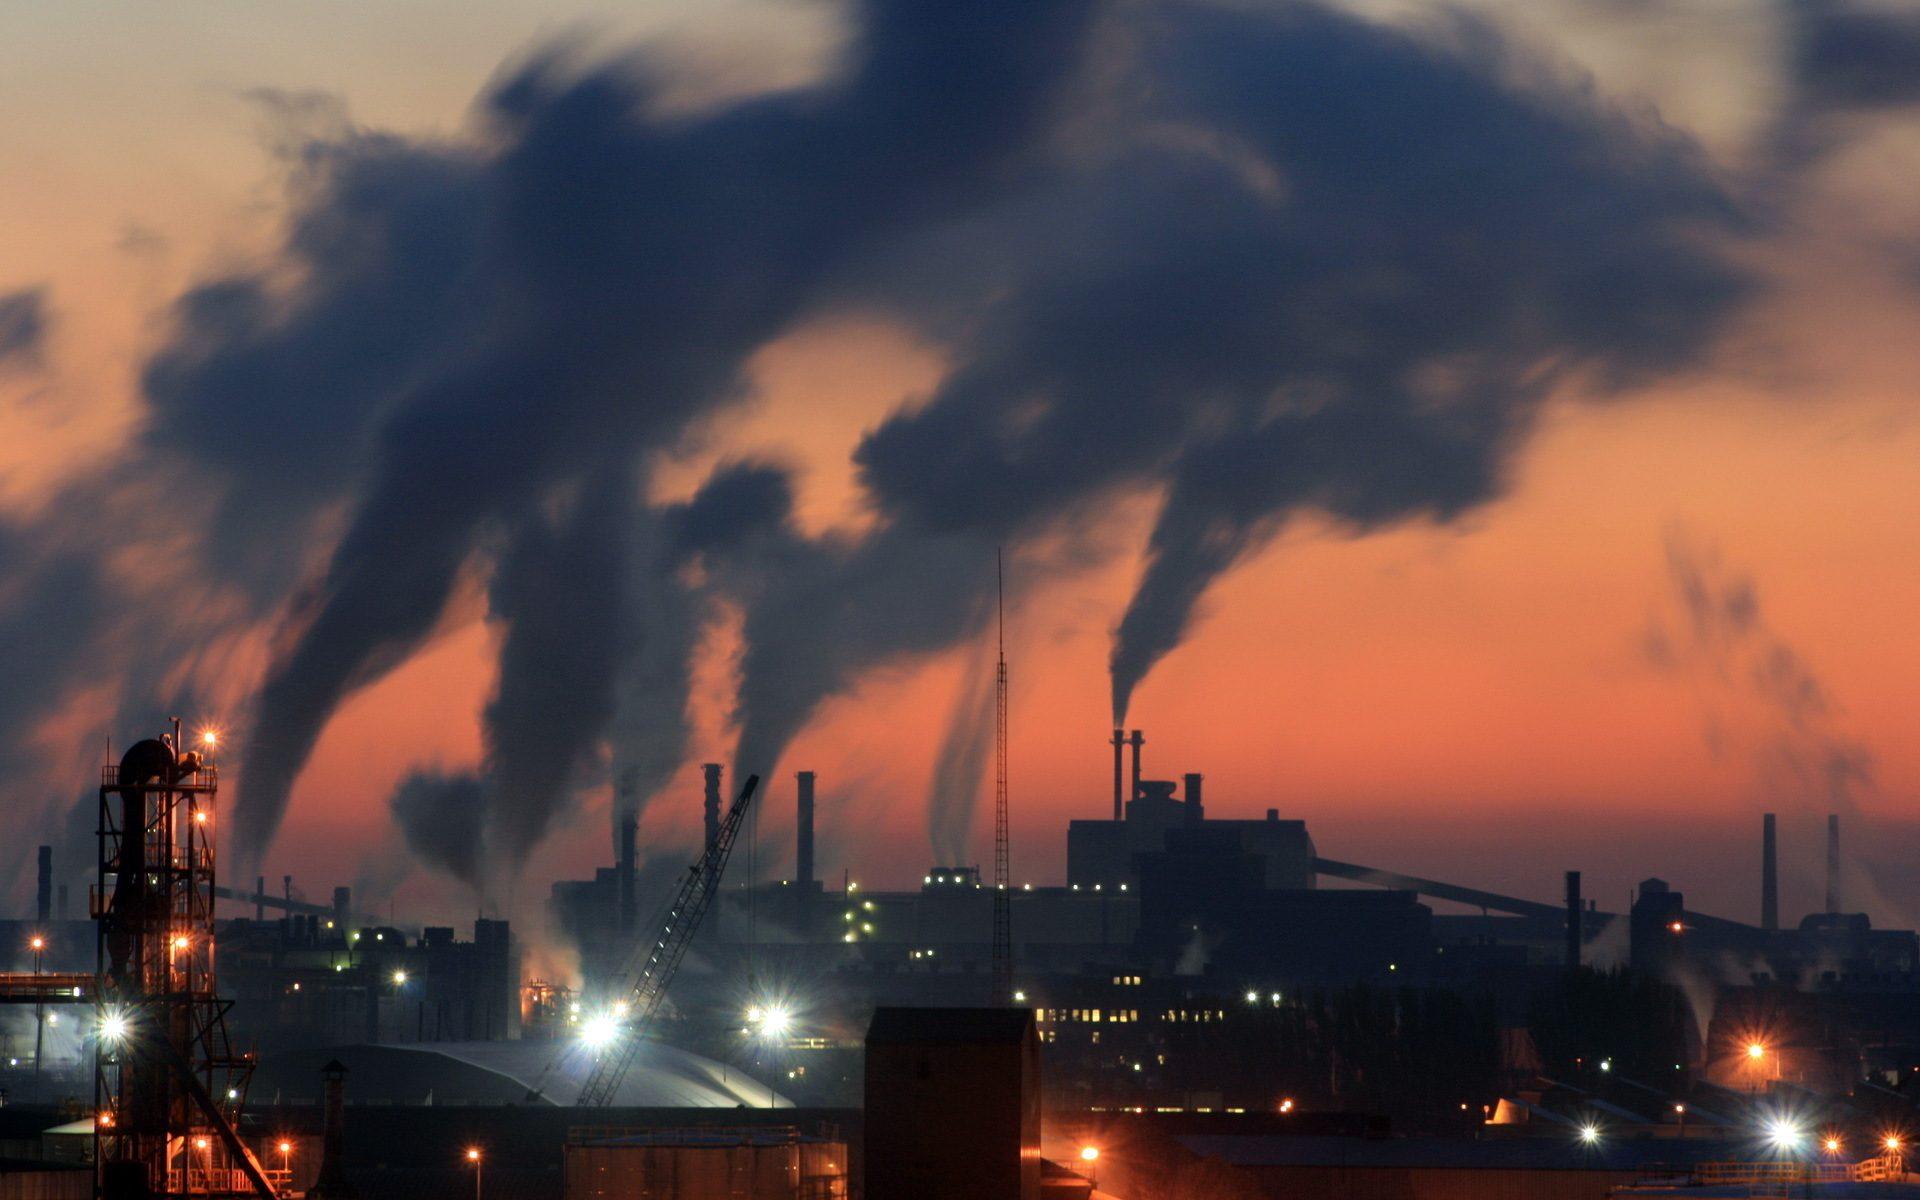 ТОП-10 підприємств-забруднювачів українського повітря в 2018 році